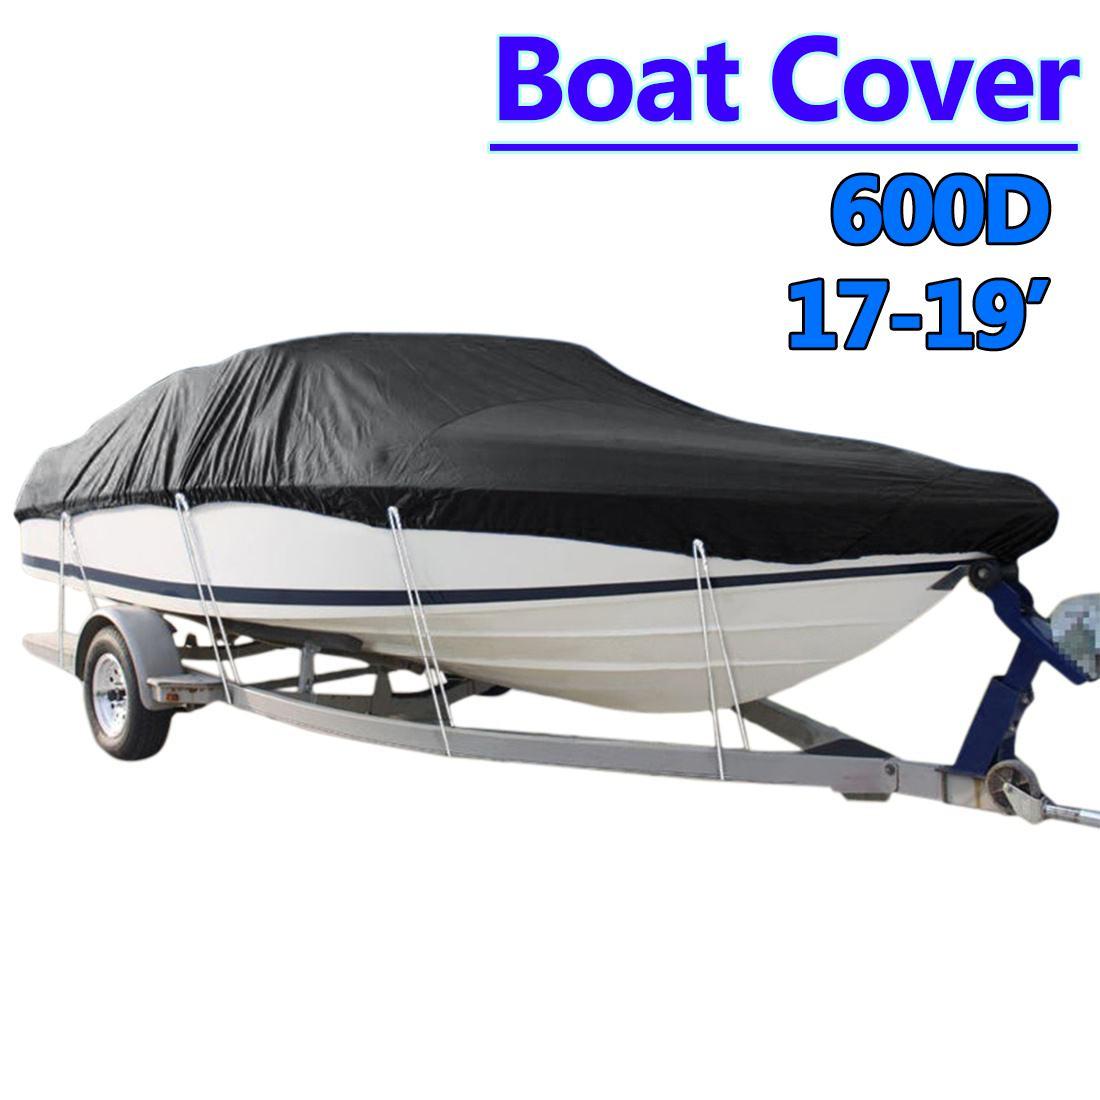 Lourd 17-19ft faisceau 96 pouces remorque 600D Marine Grade bateau couverture étanche UV protégé noir bateau accessoires